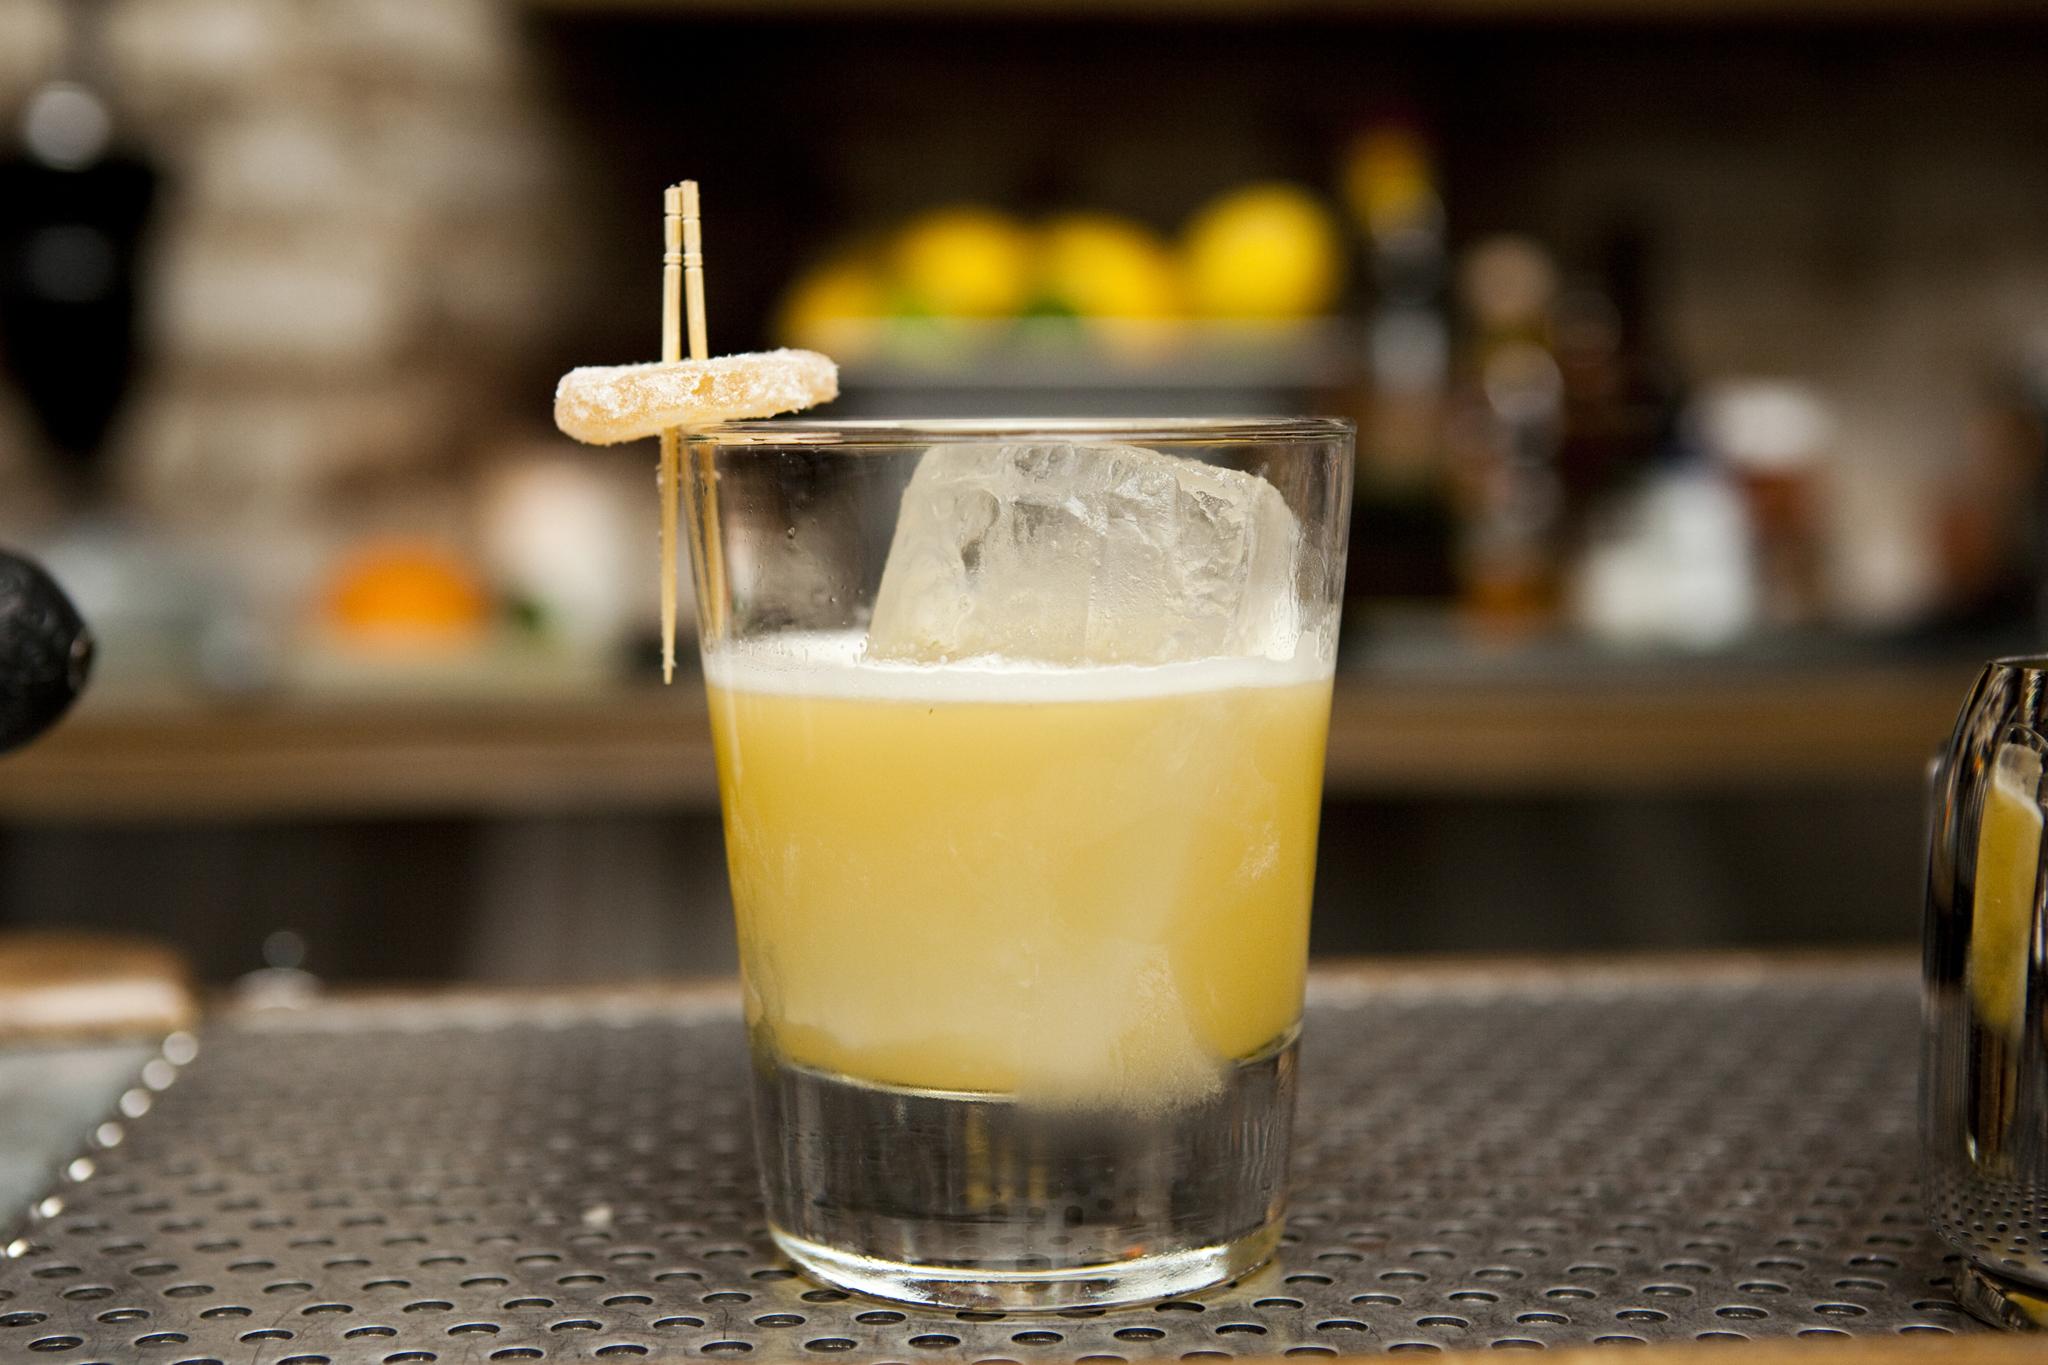 День бармена: 9 рецептов коктейлей от известных барменов